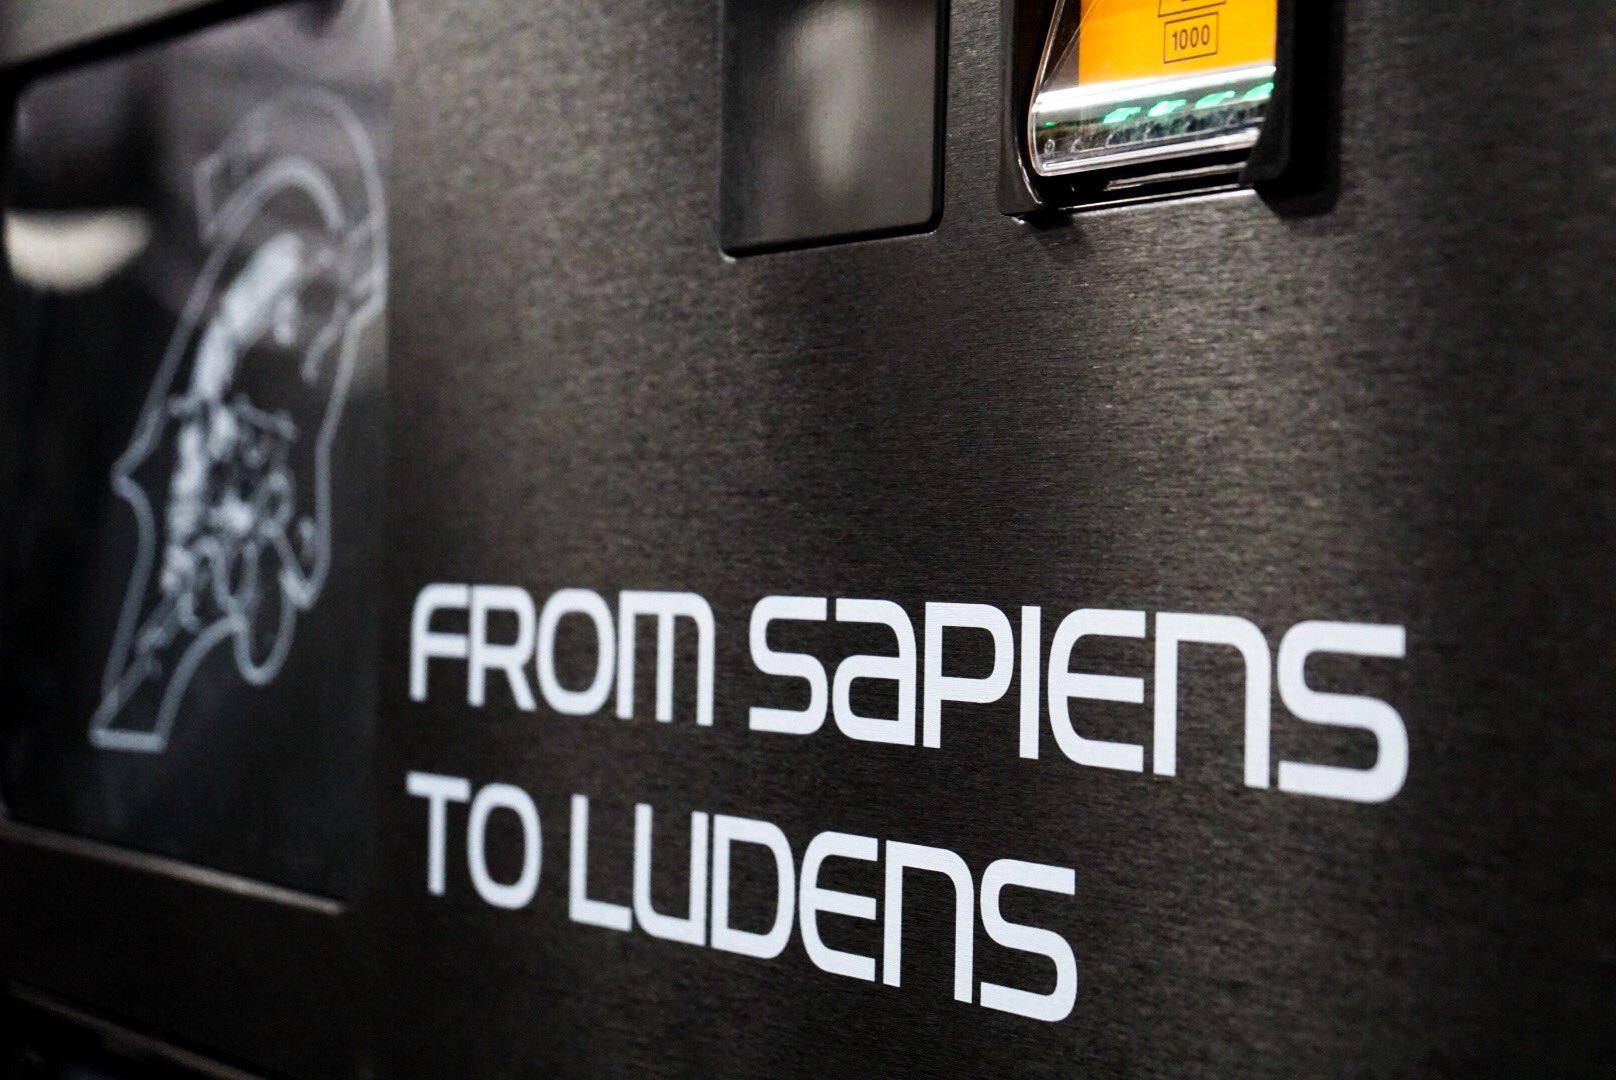 Distributeur de boissons Ludens chez Kojima Productions, le 30 mai 2017